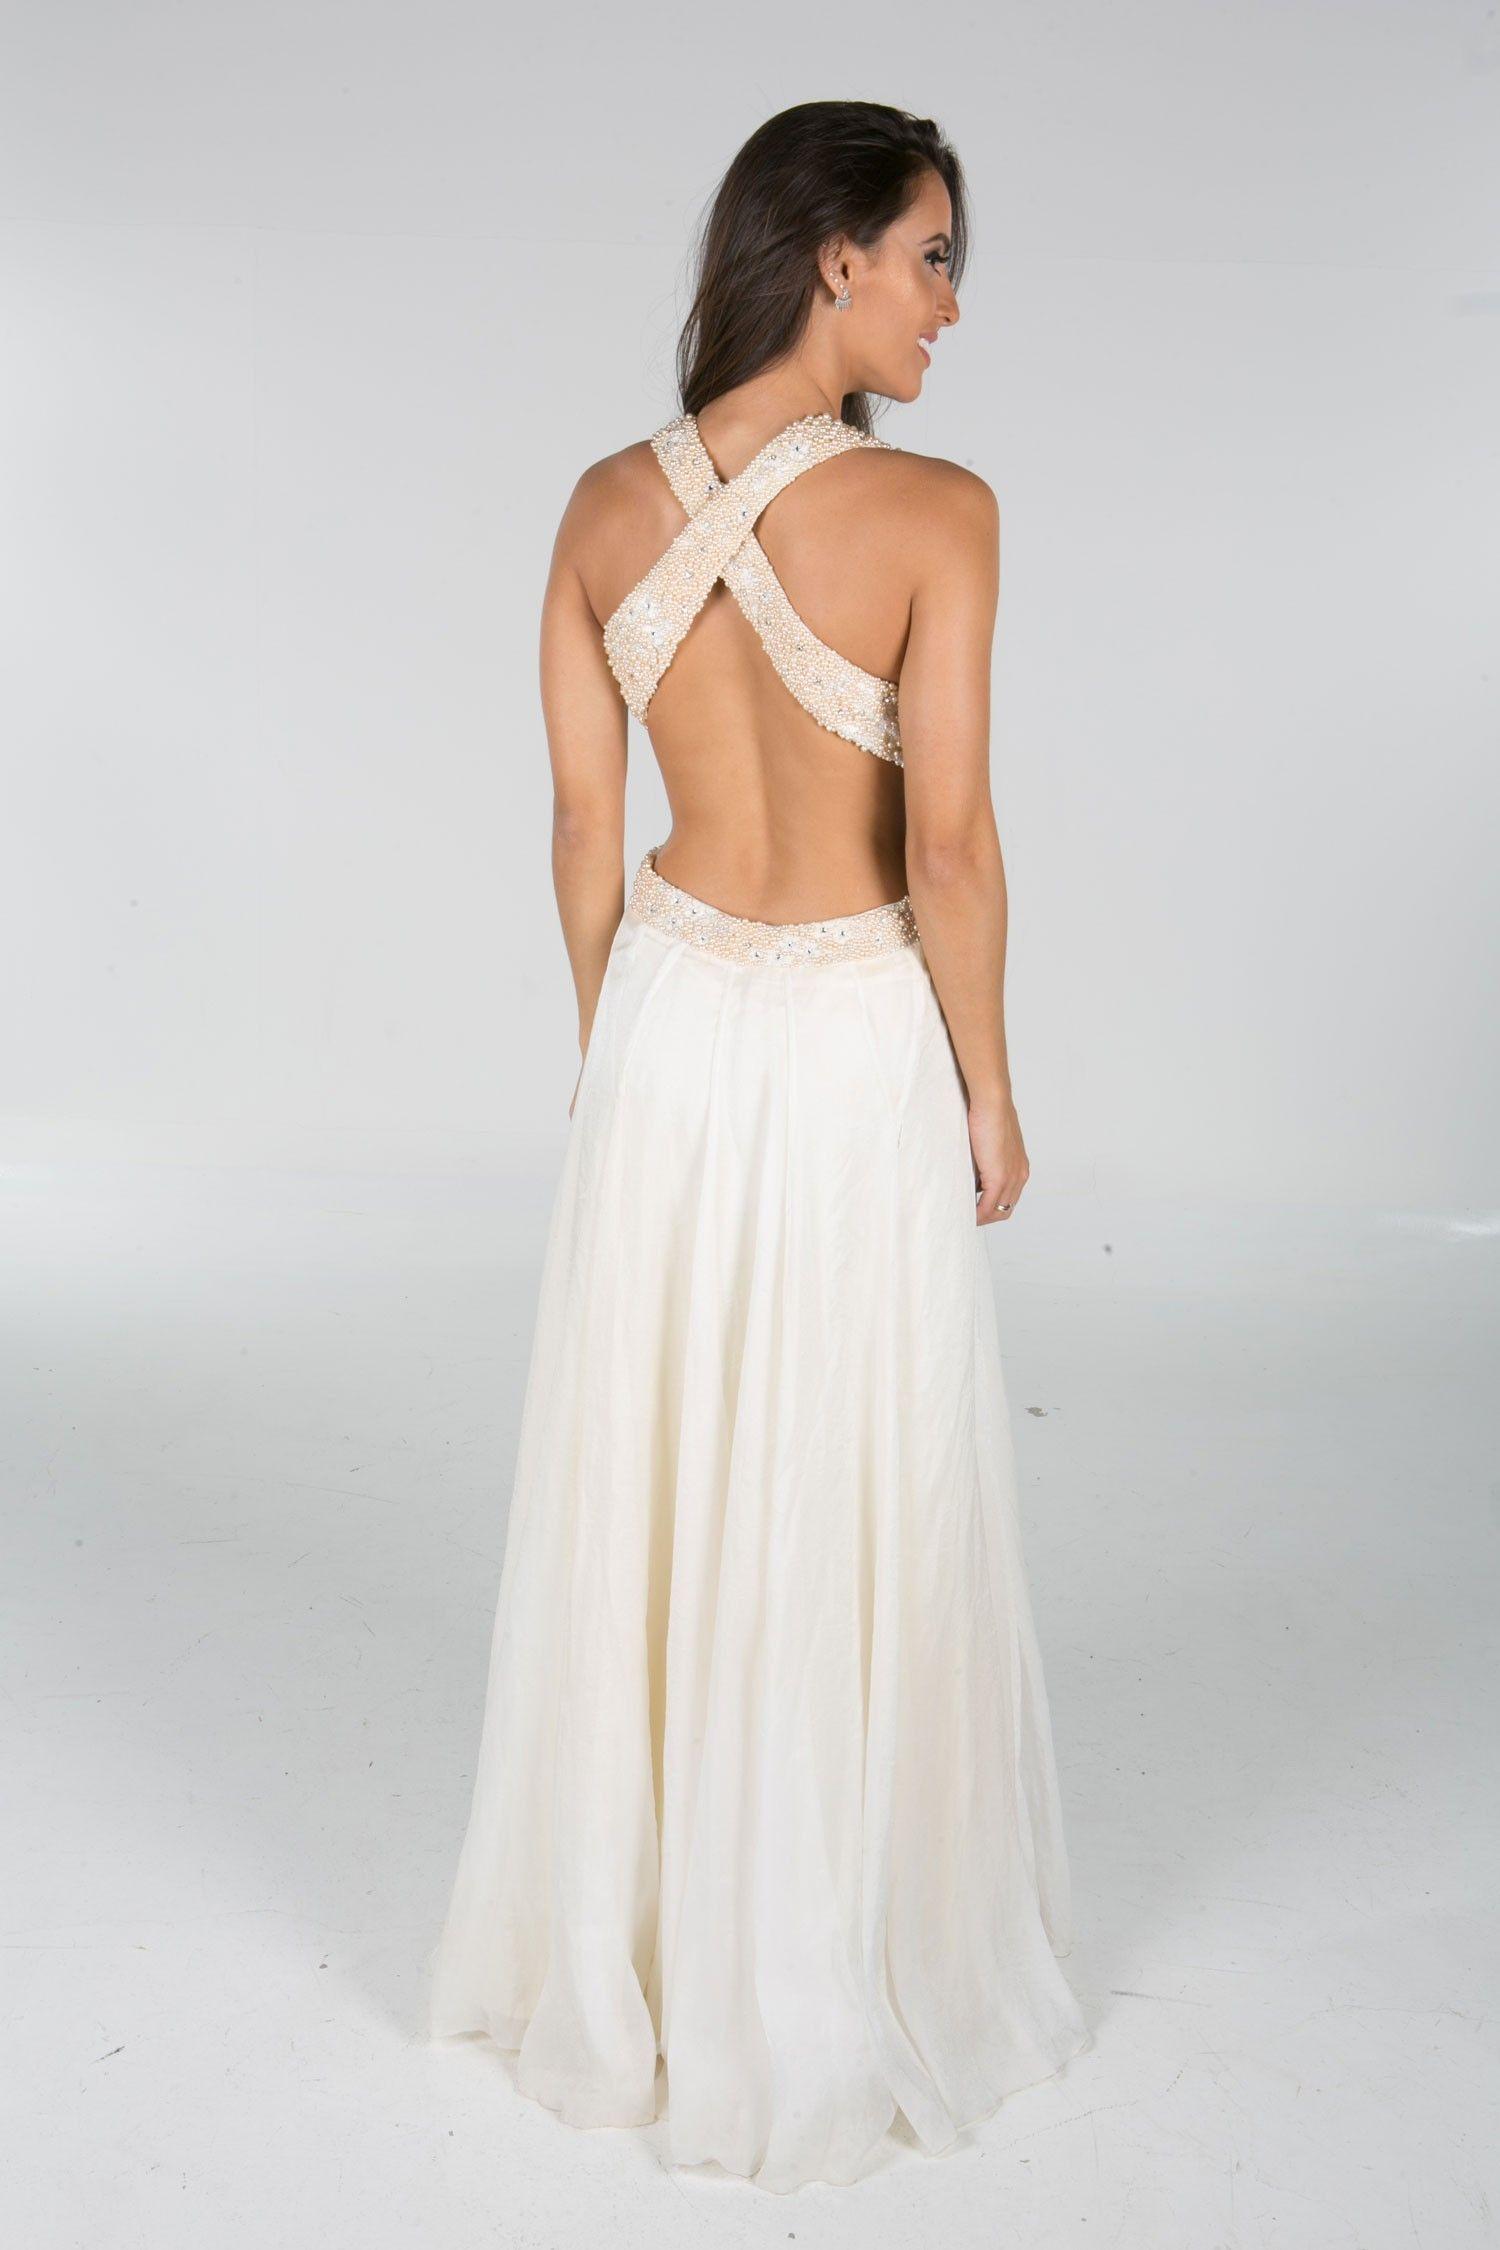 Kelly Costa - Bordado em Pérolas - Longos - Vestidos Novos e Semi-novos